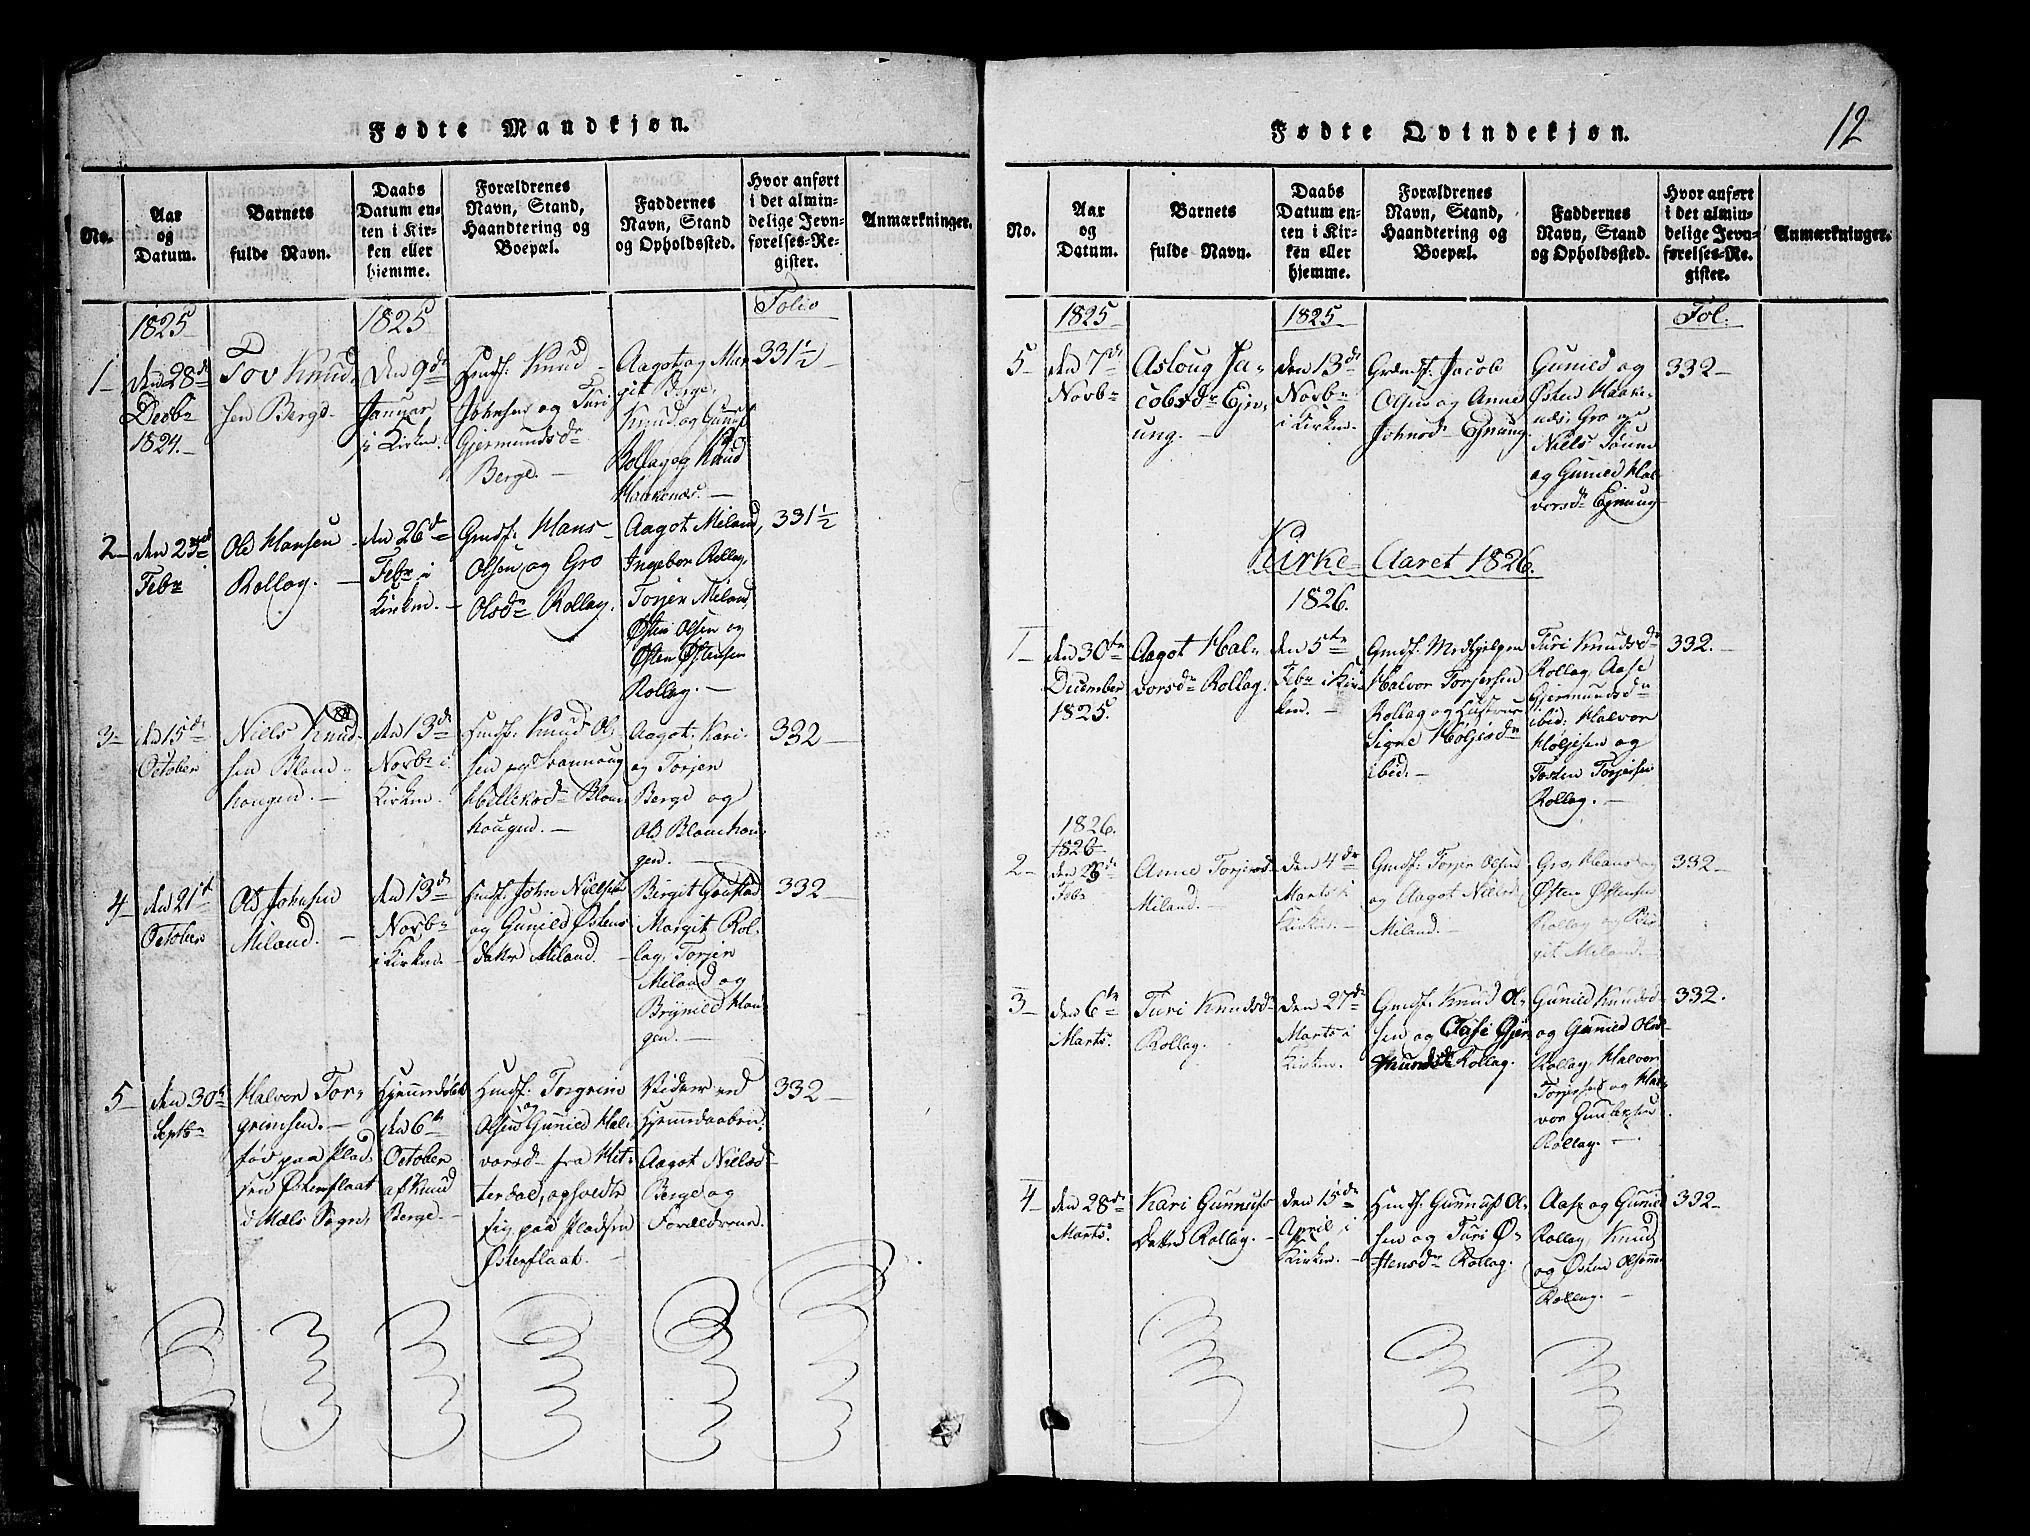 SAKO, Tinn kirkebøker, G/Gb/L0001: Klokkerbok nr. II 1 /1, 1815-1850, s. 12